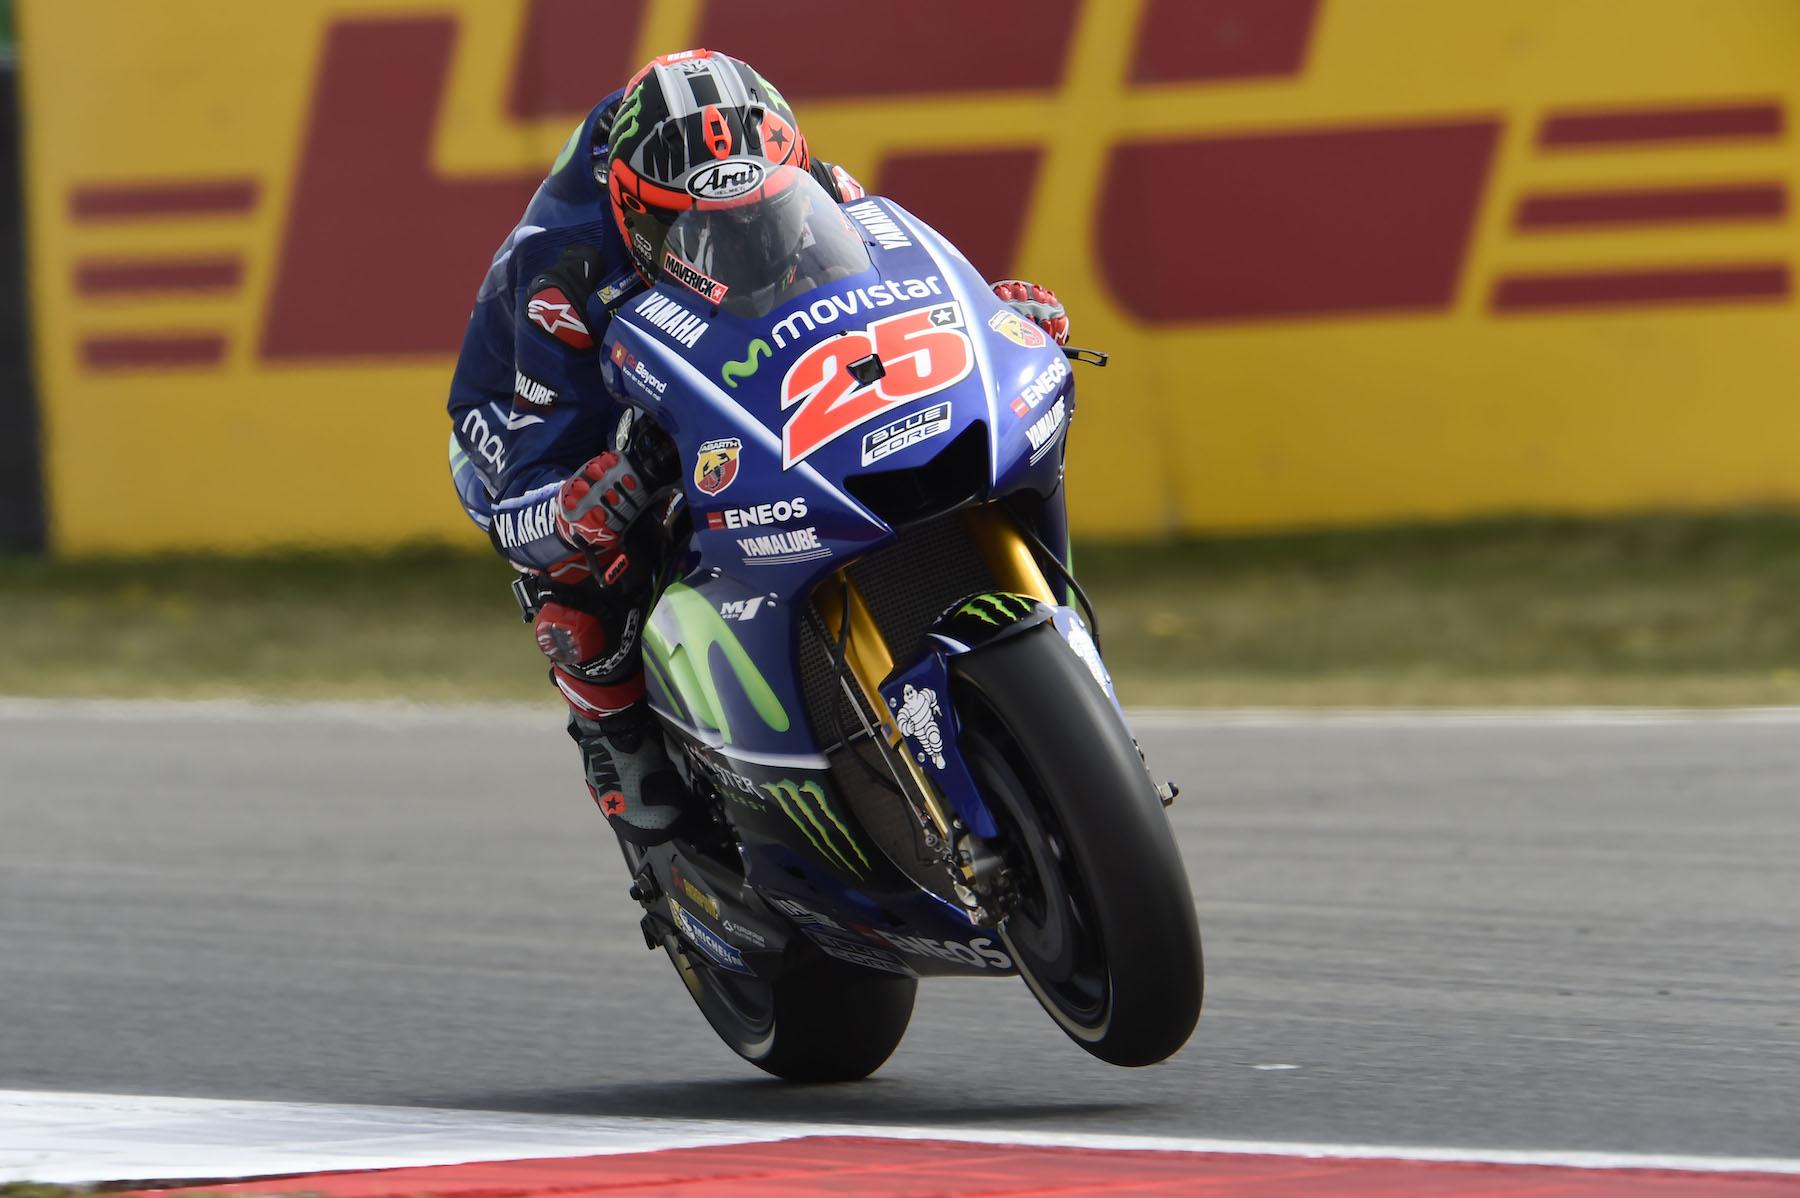 Maverick Viñales retoma el buen camino y domina los libres de MotoGP en Assen